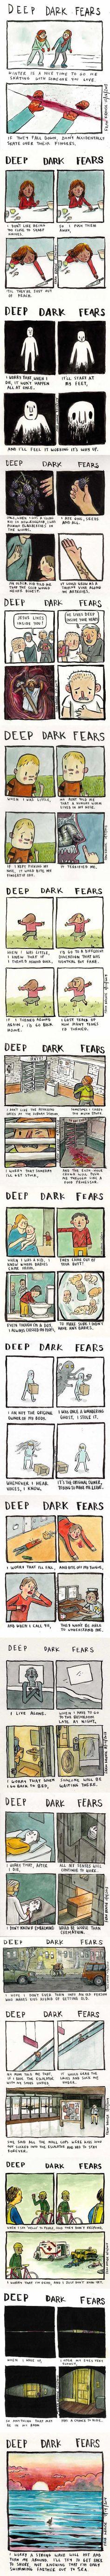 Temores de la infancia